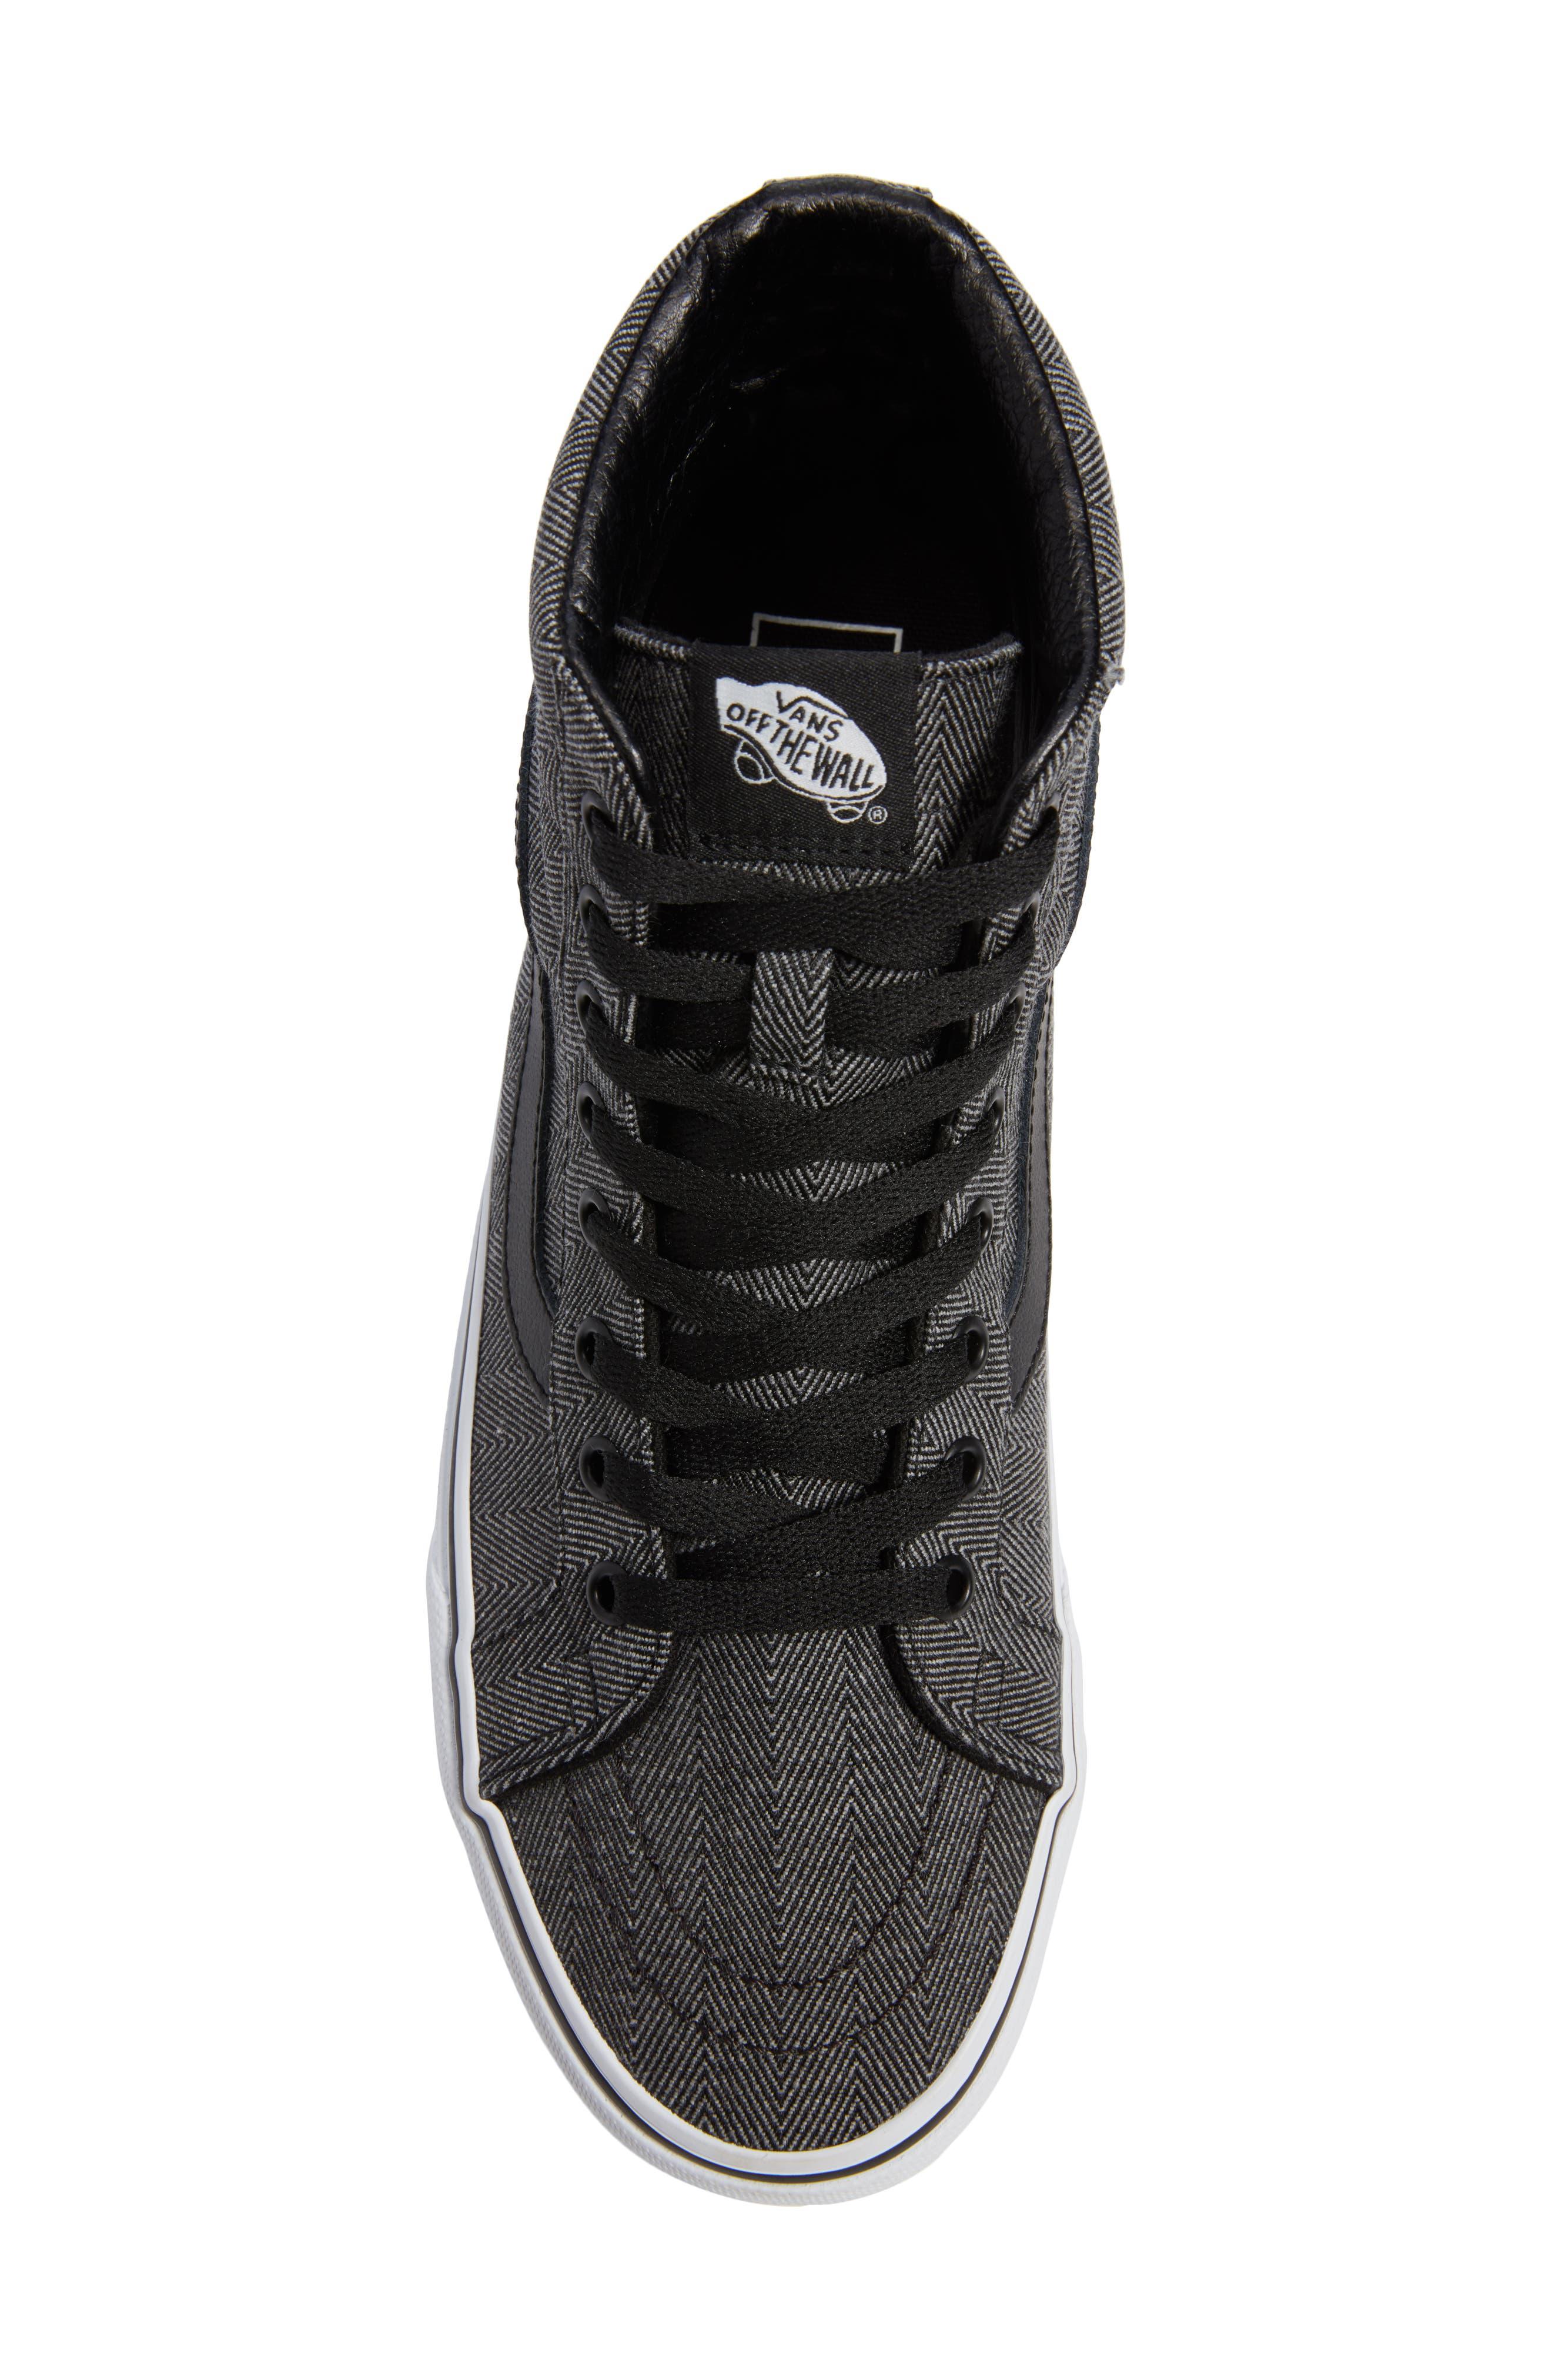 SK8-Hi Reissue High Top Sneaker,                             Alternate thumbnail 5, color,                             BLACK/ TRUE WHITE